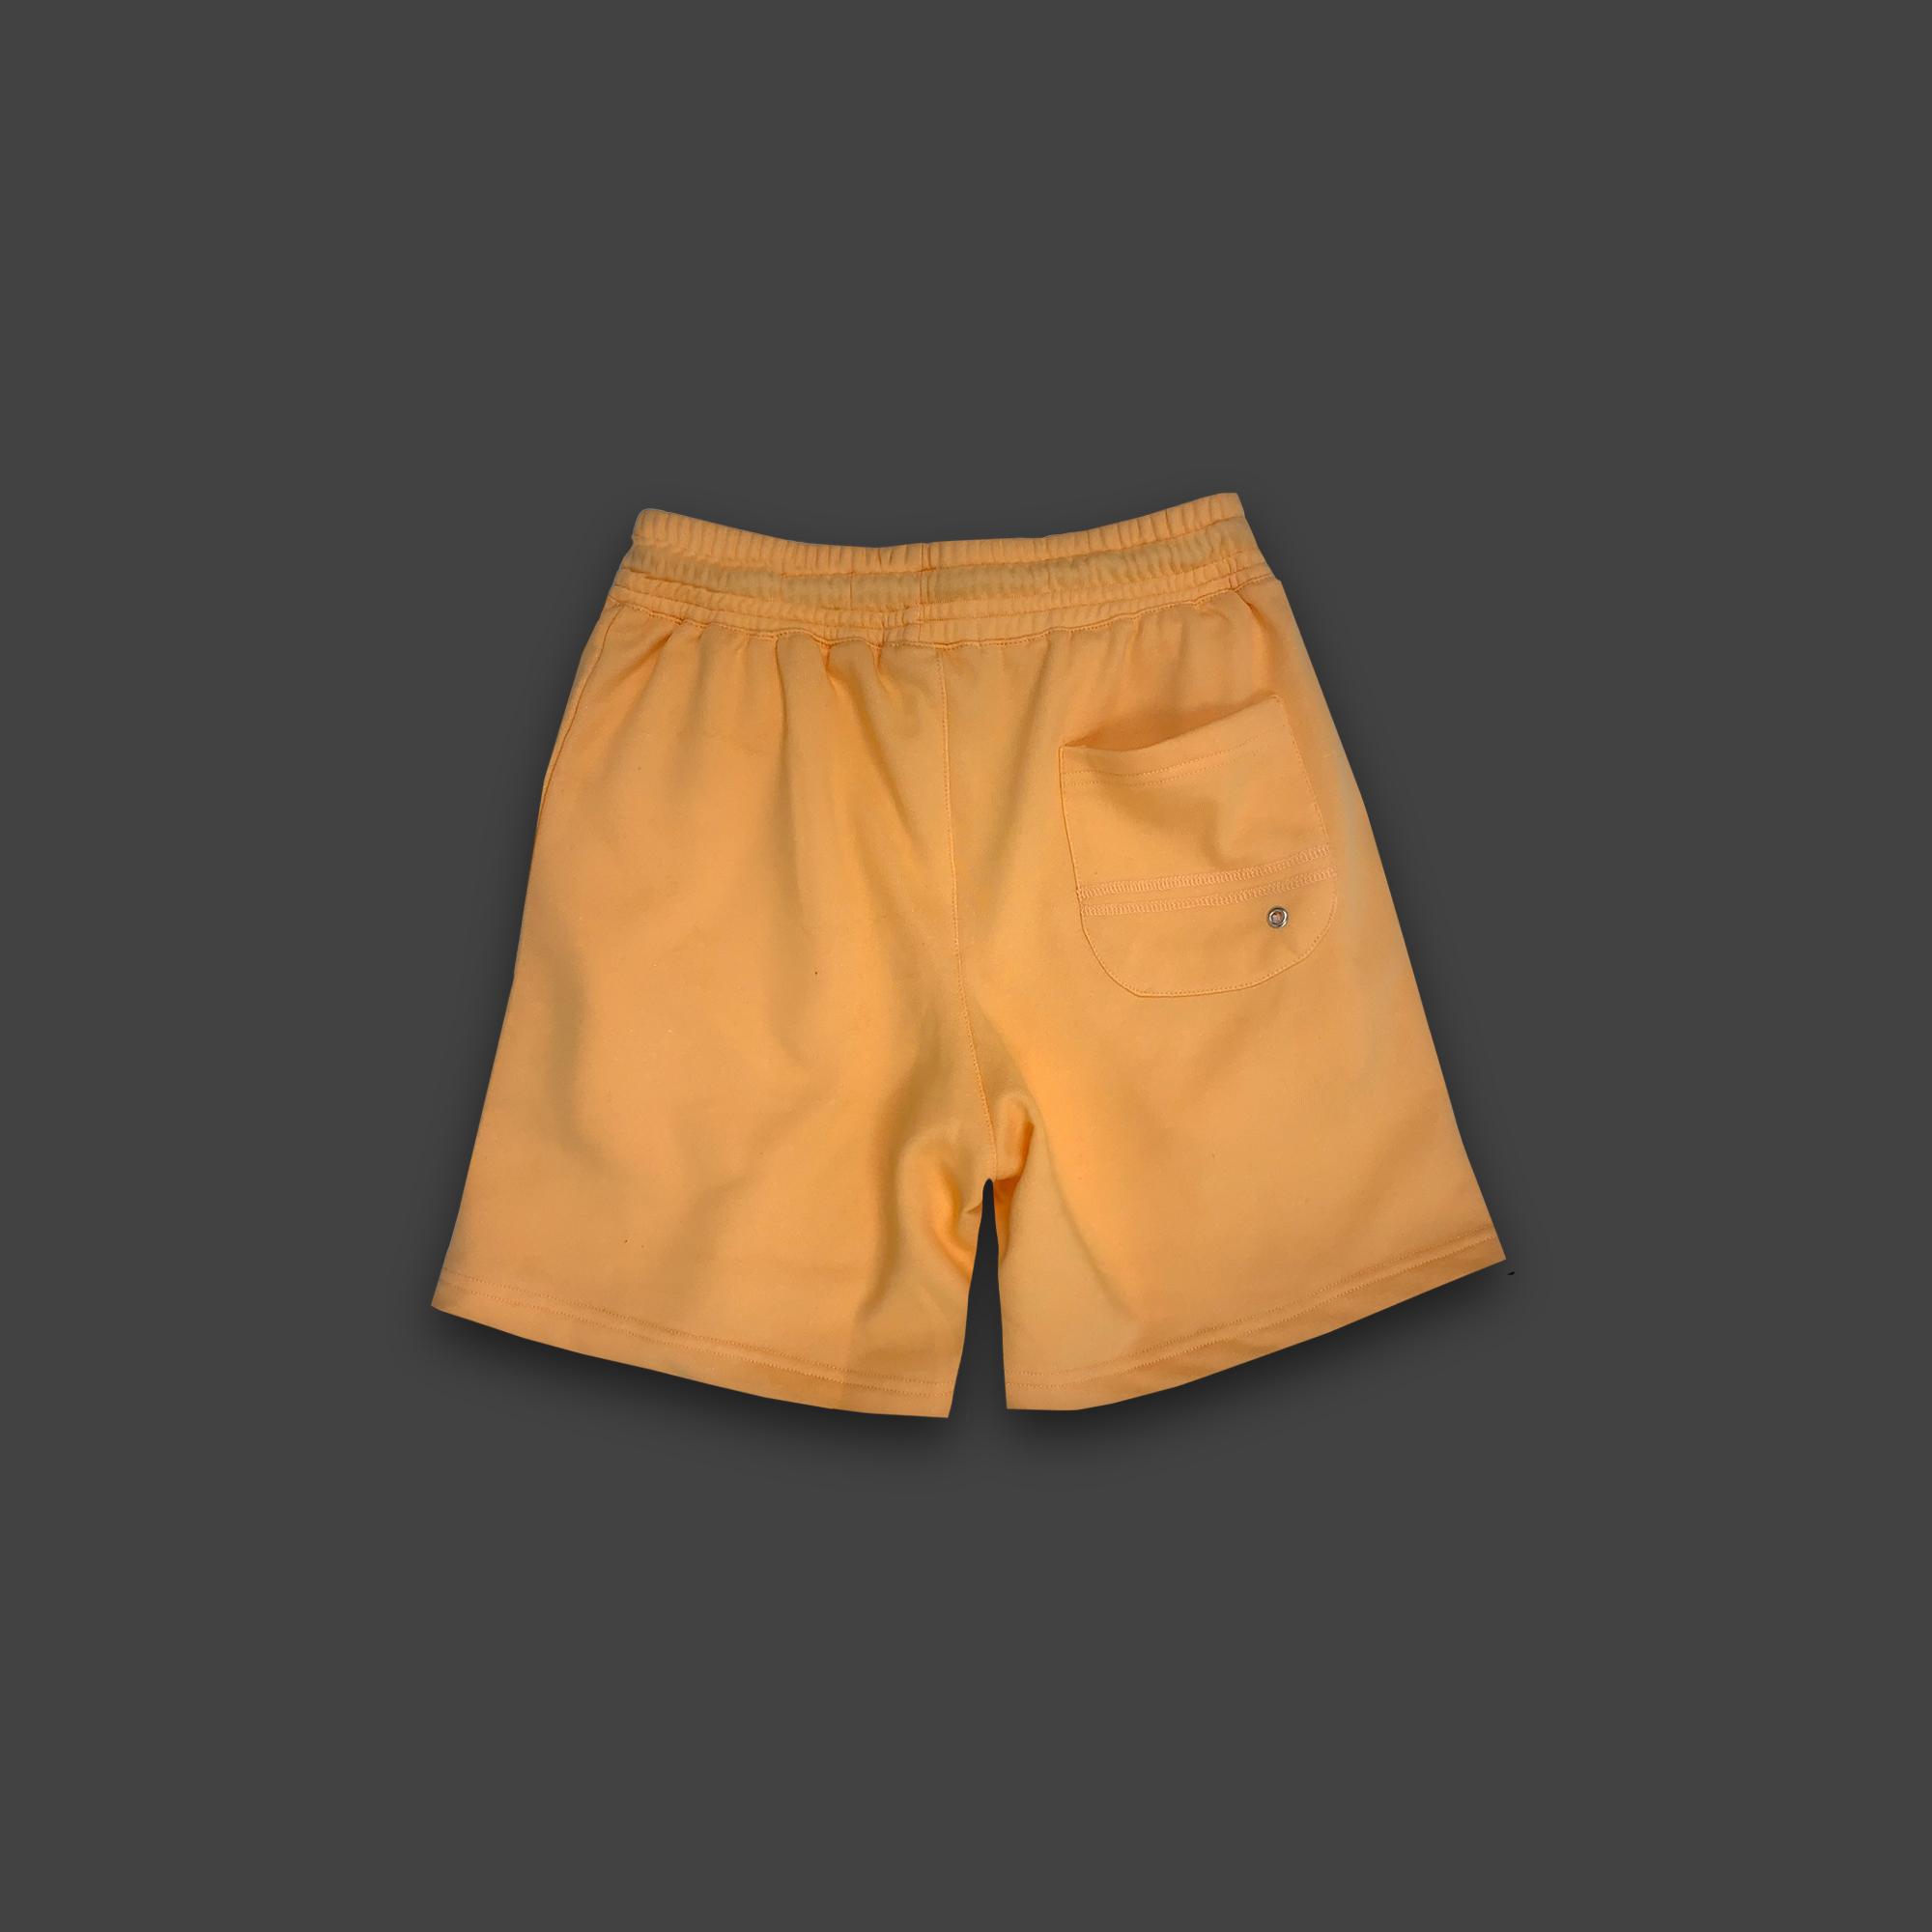 Since '48 Shorts - Pastel Orange